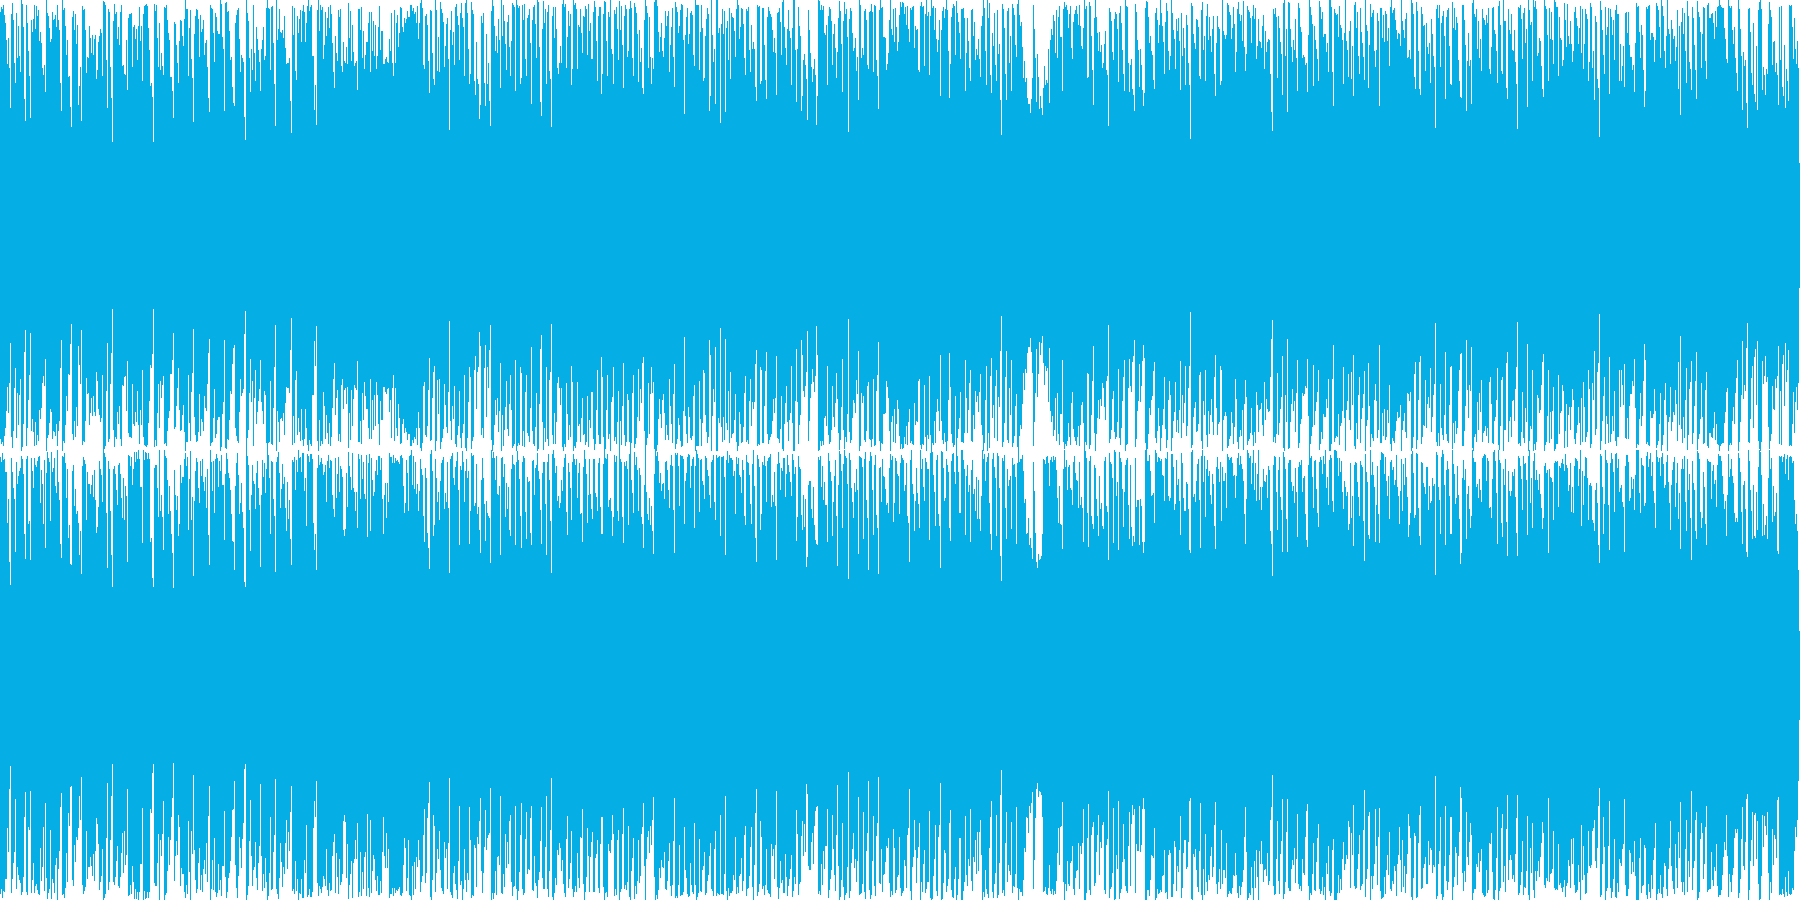 爽快で明るくハイテンションな曲 ループ可の再生済みの波形